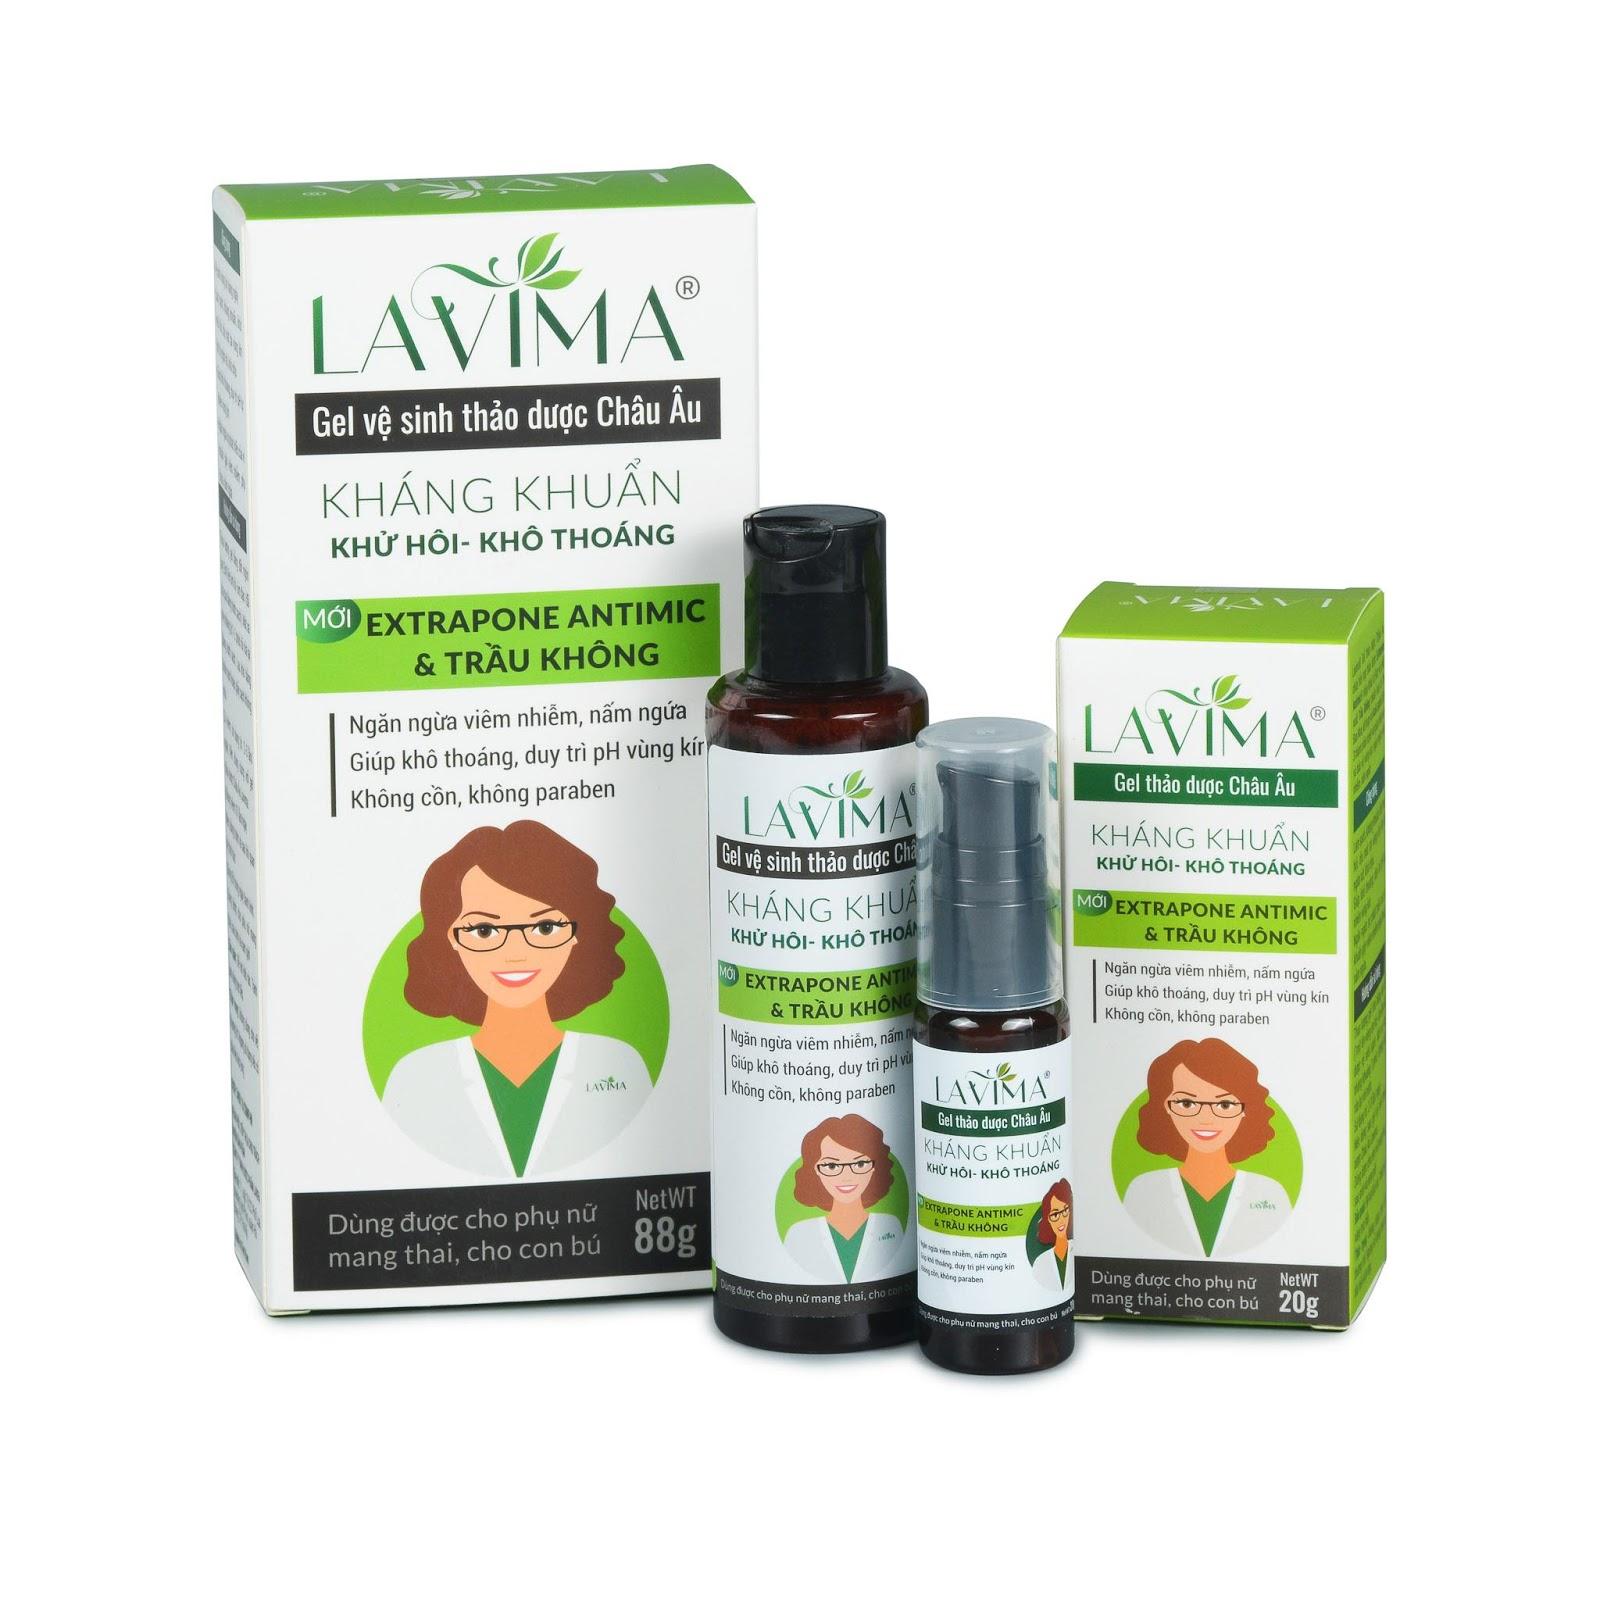 Lavima - Thảo dược chuẩn hóa giúp diệt nấm Candida